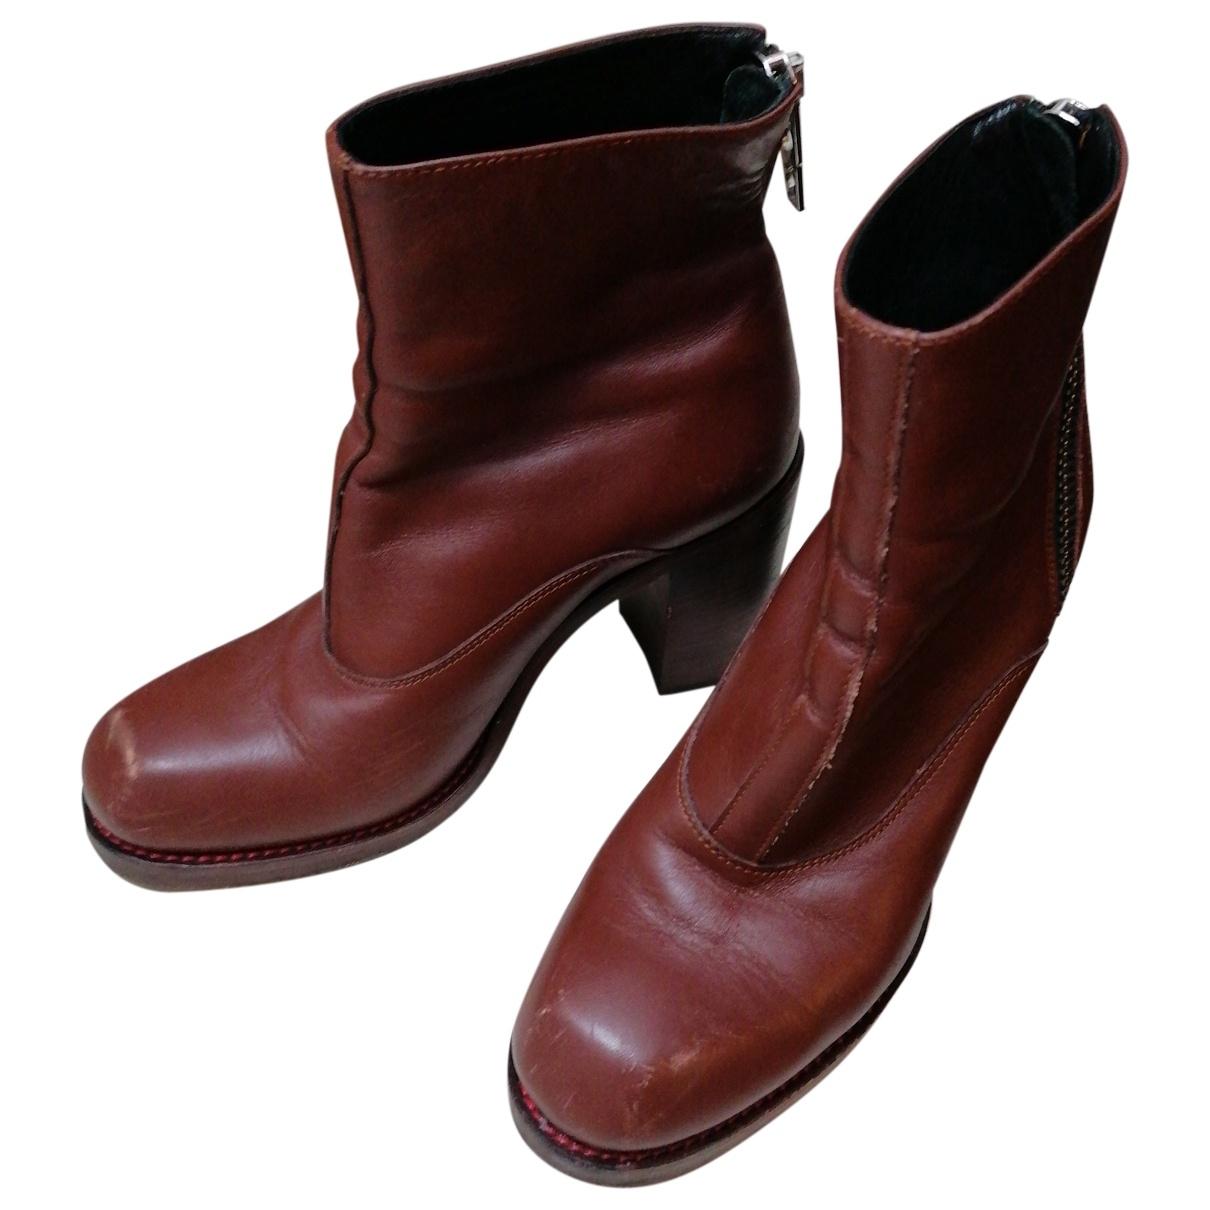 Mcq - Boots   pour femme en cuir - camel